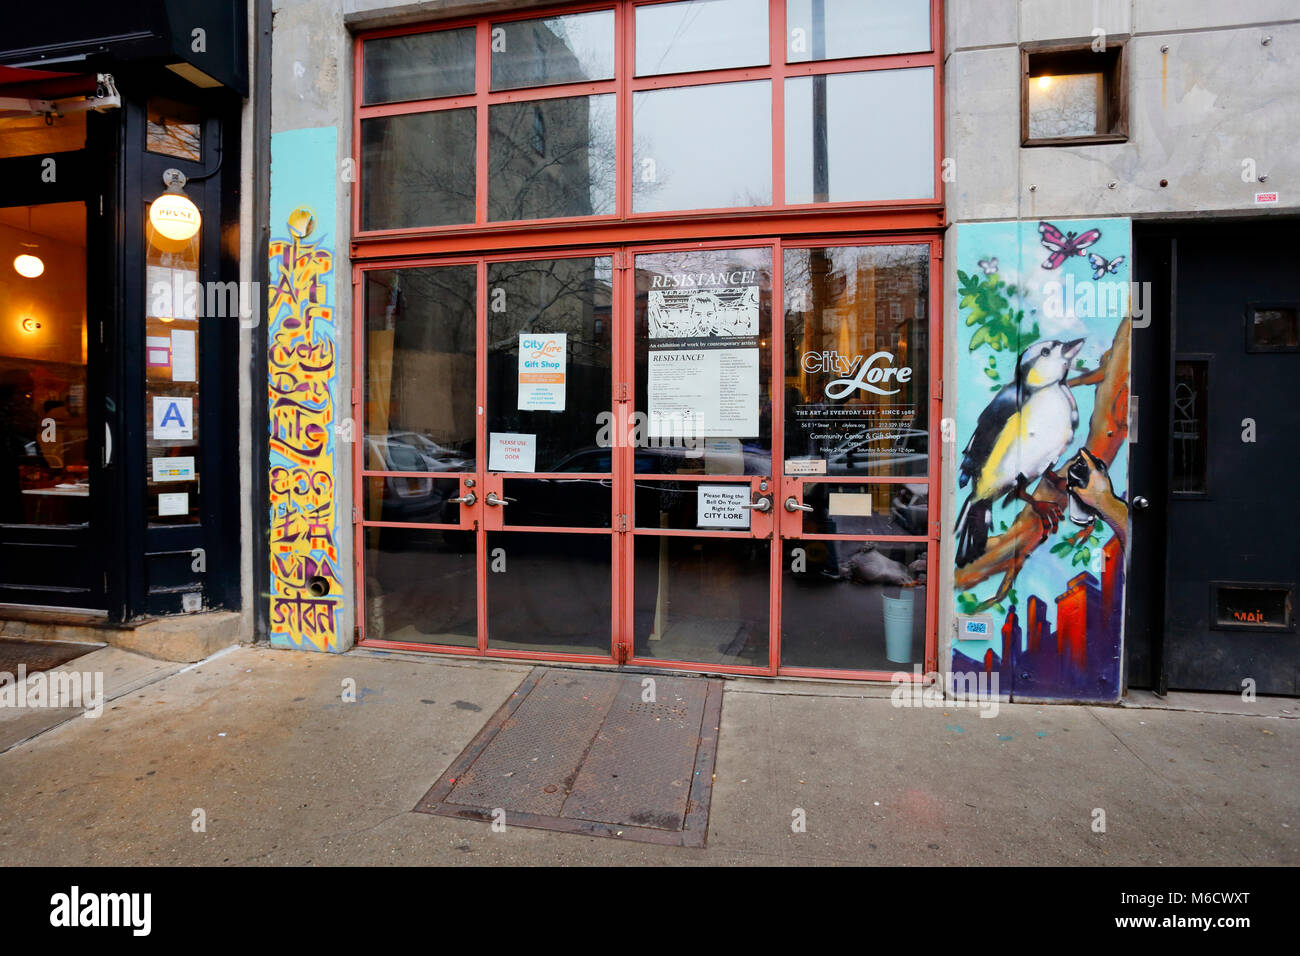 Stadt Lore Art Gallery, 56 E 1 St, New York, NY. Stockbild